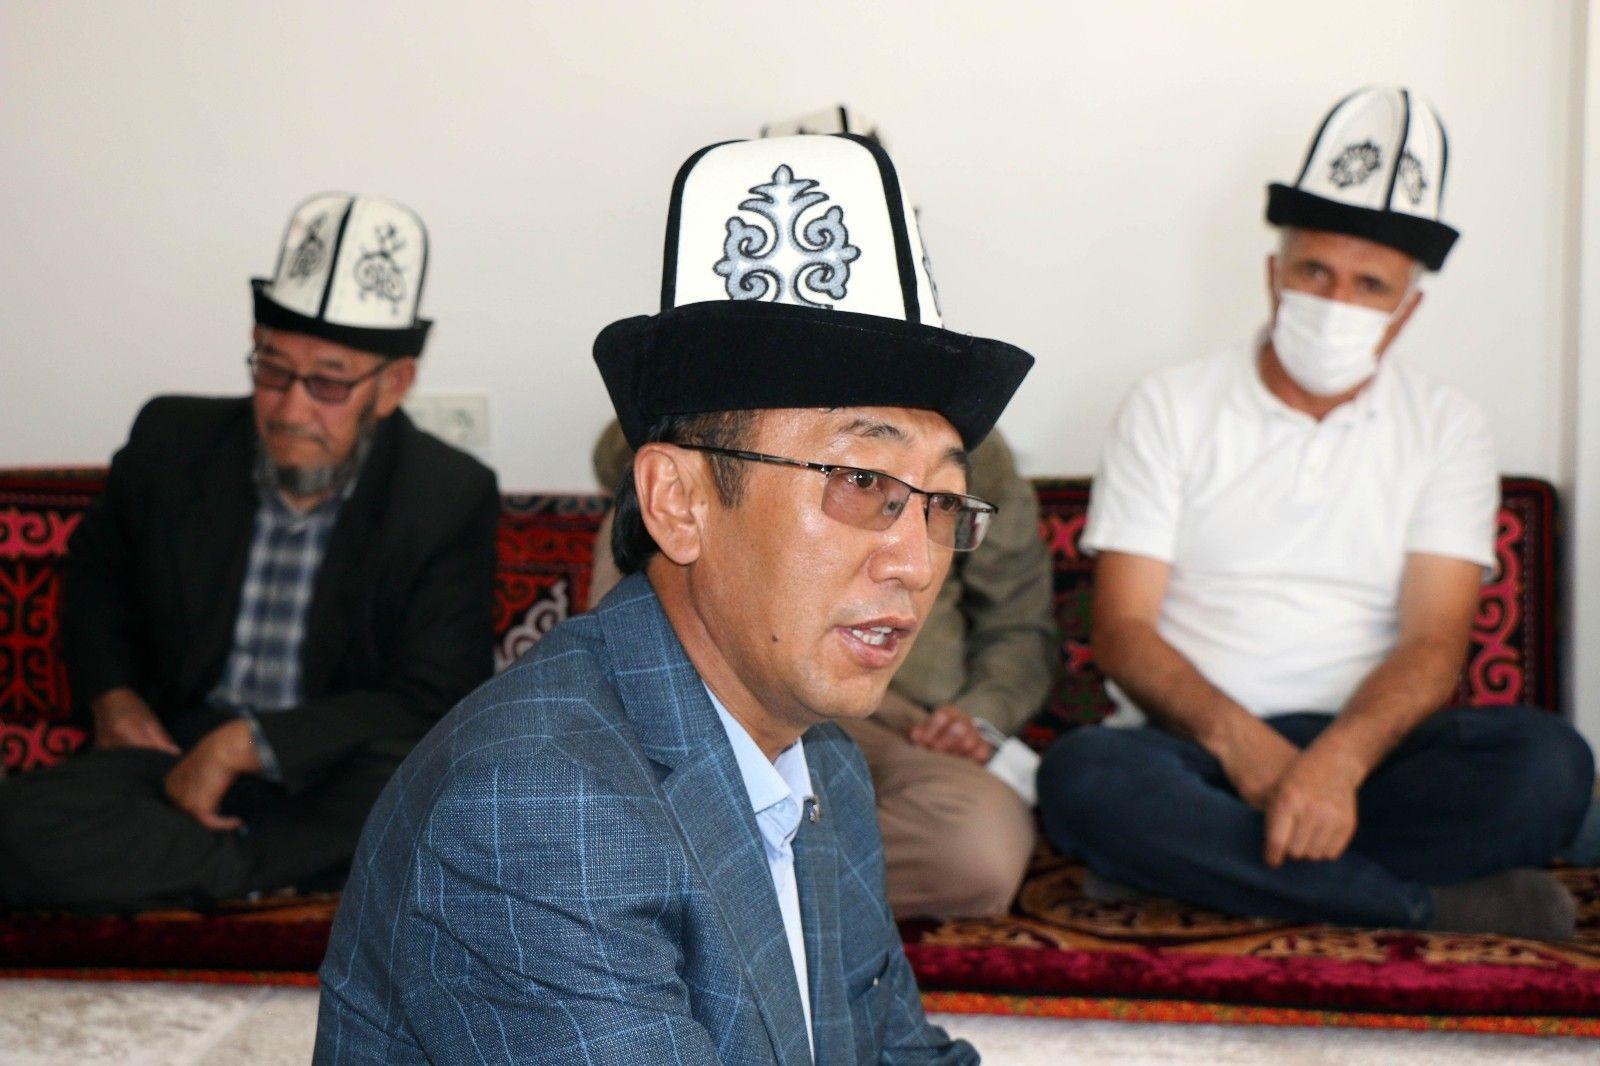 2021/09/kirgizlar-turkiyede-olmaktan-mutlu-20210919AW42-4.jpg